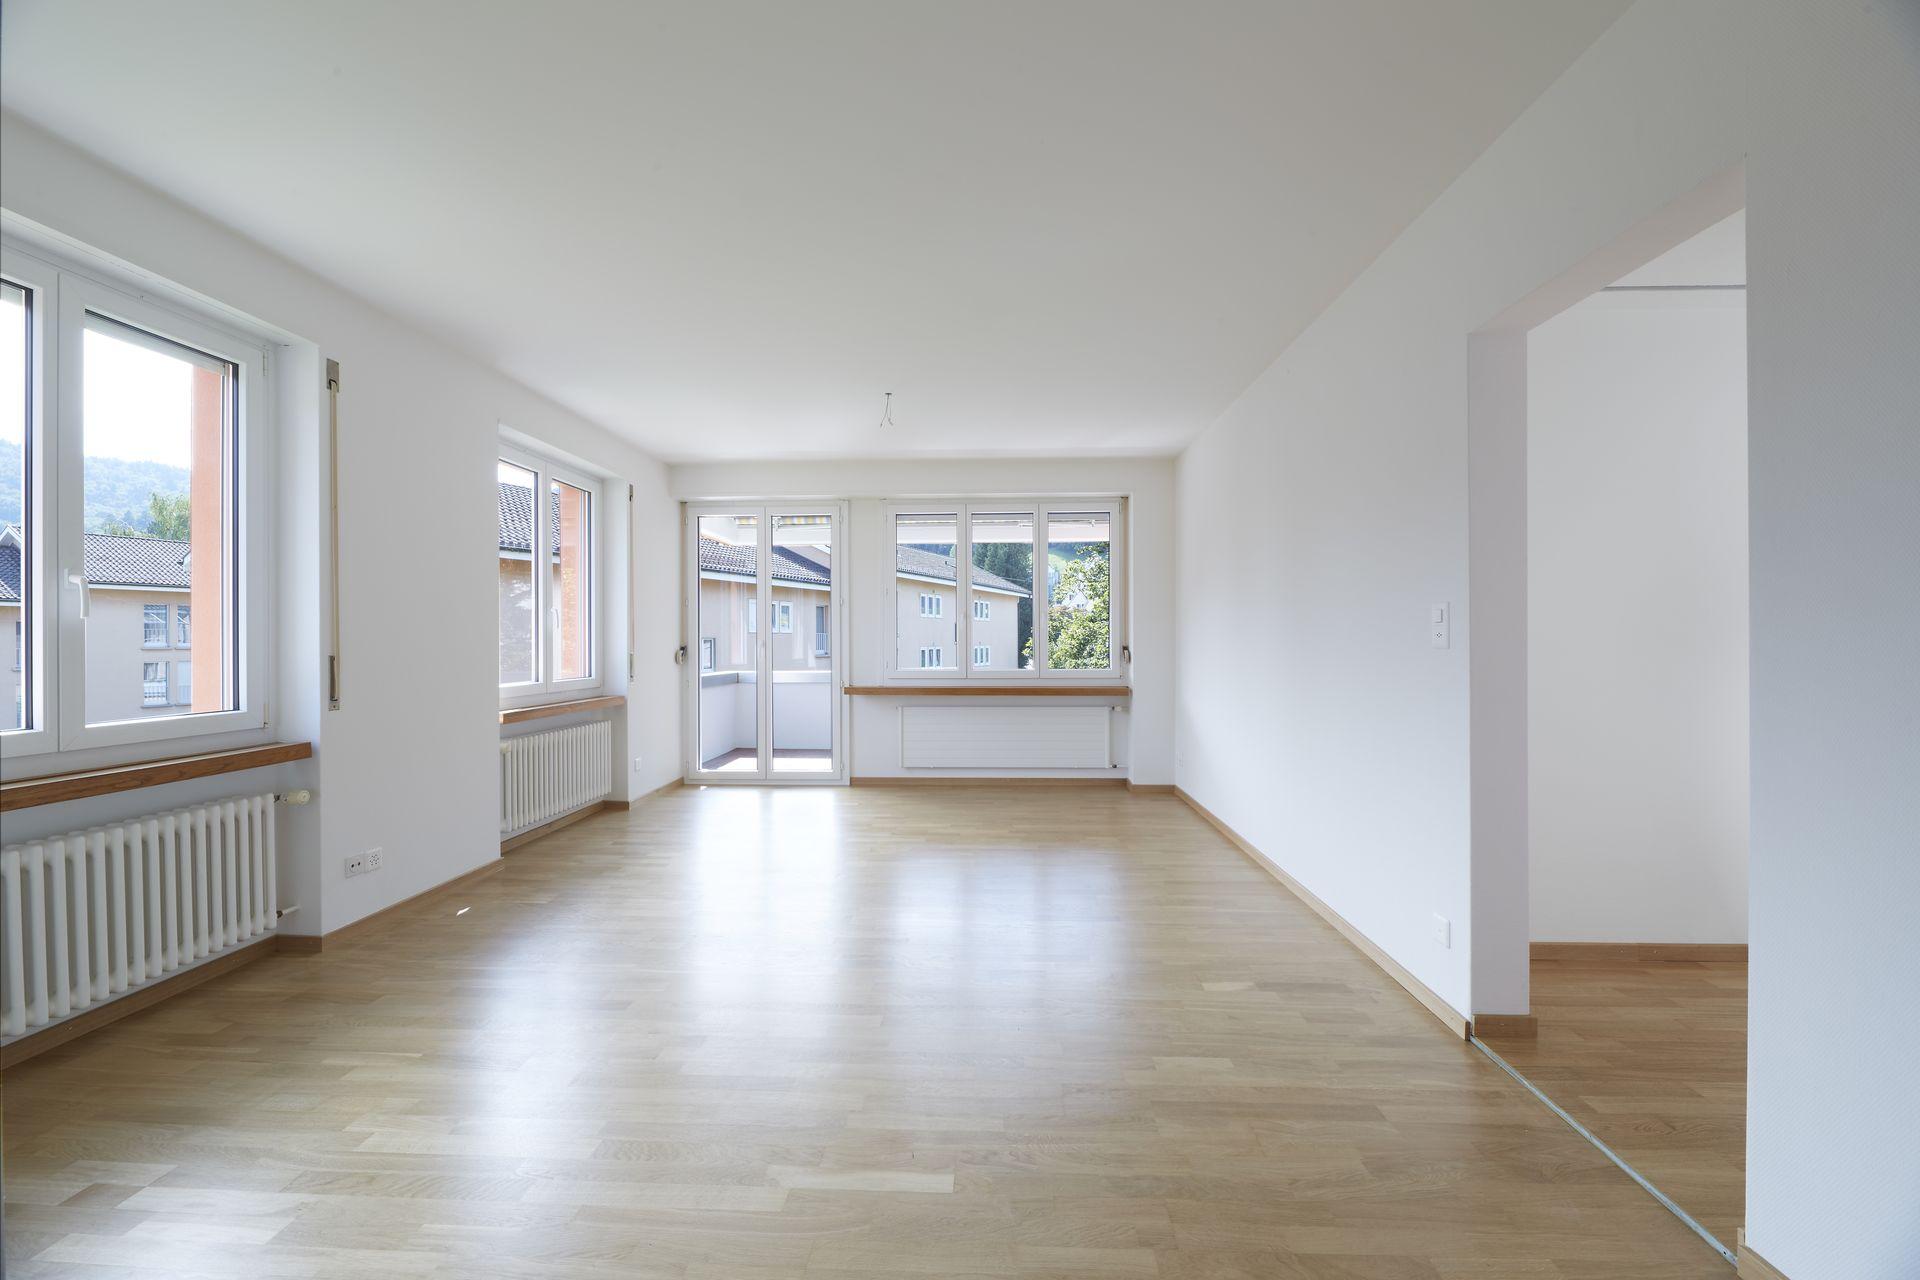 Miete: renovierte Wohnung mit 2 Balkonen